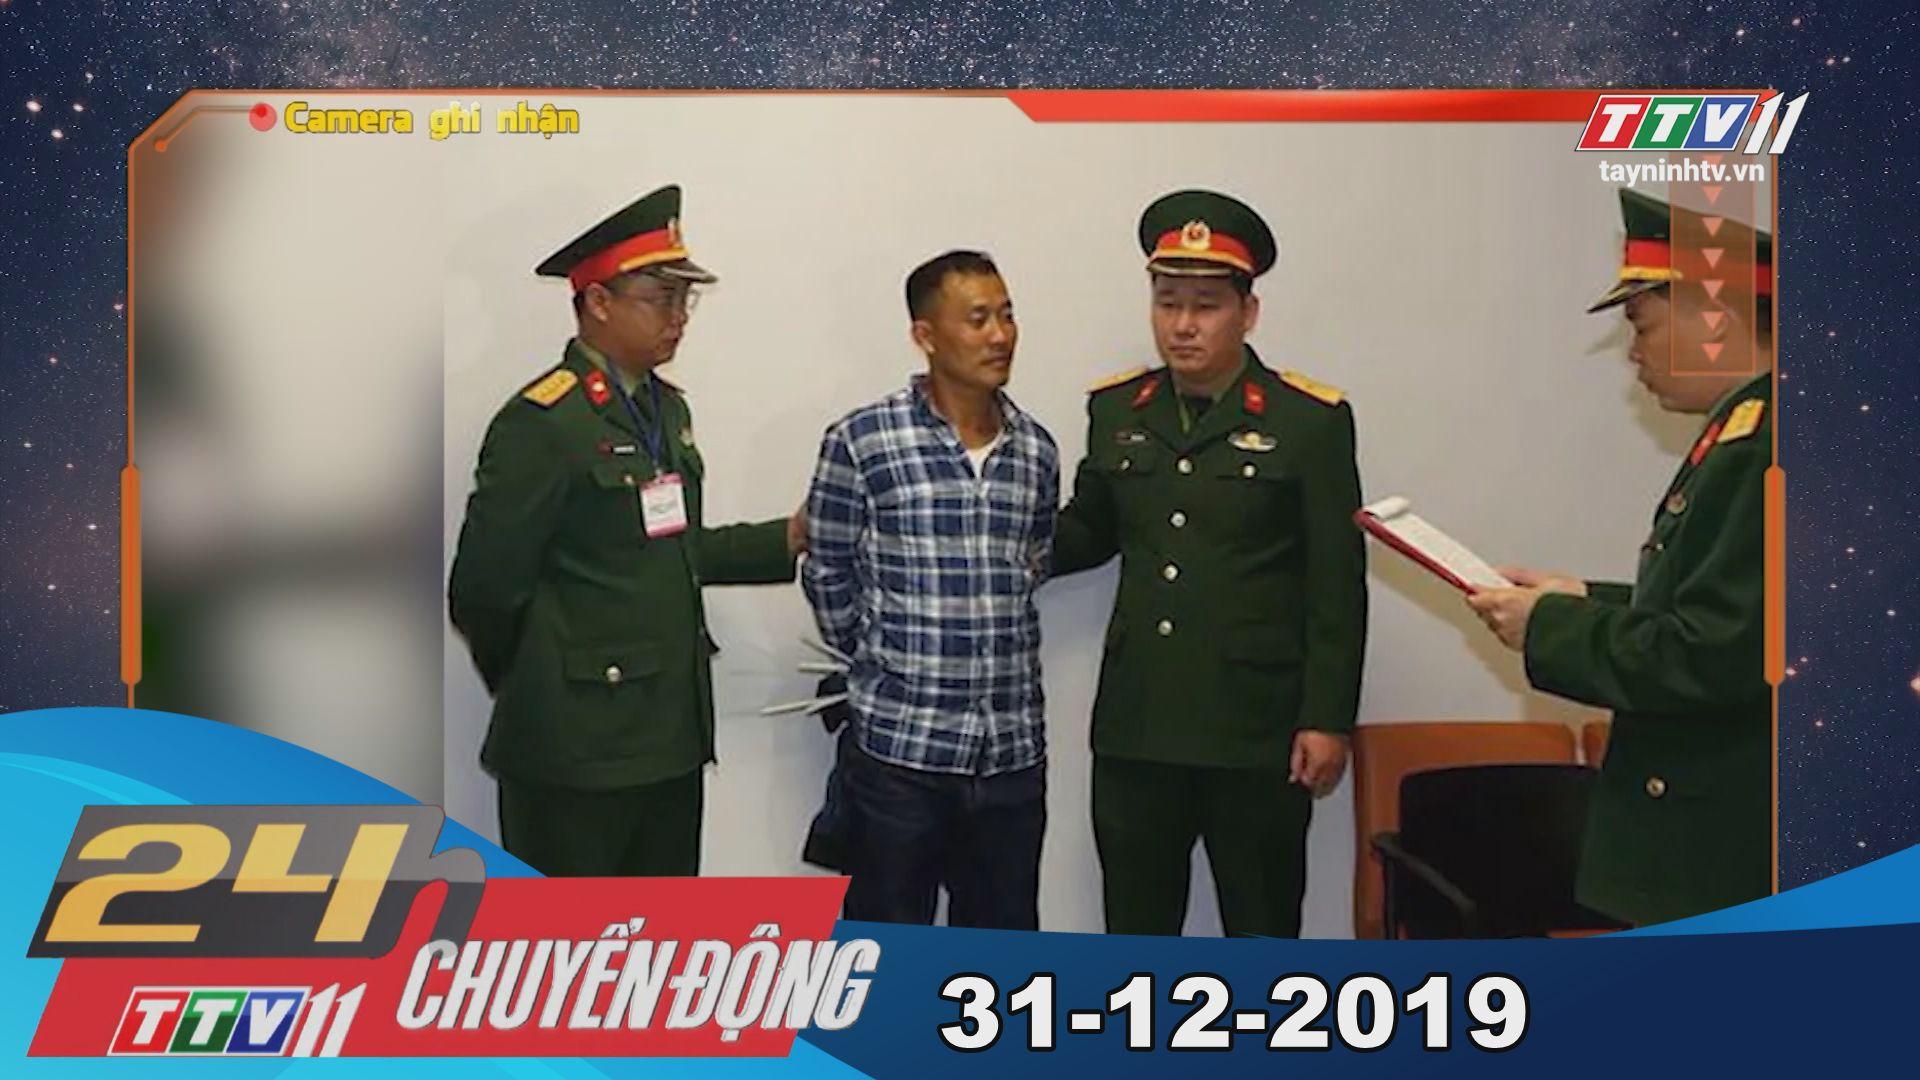 TayNinhTV | 24h Chuyển động 31-12-2019 | Tin tức hôm nay.